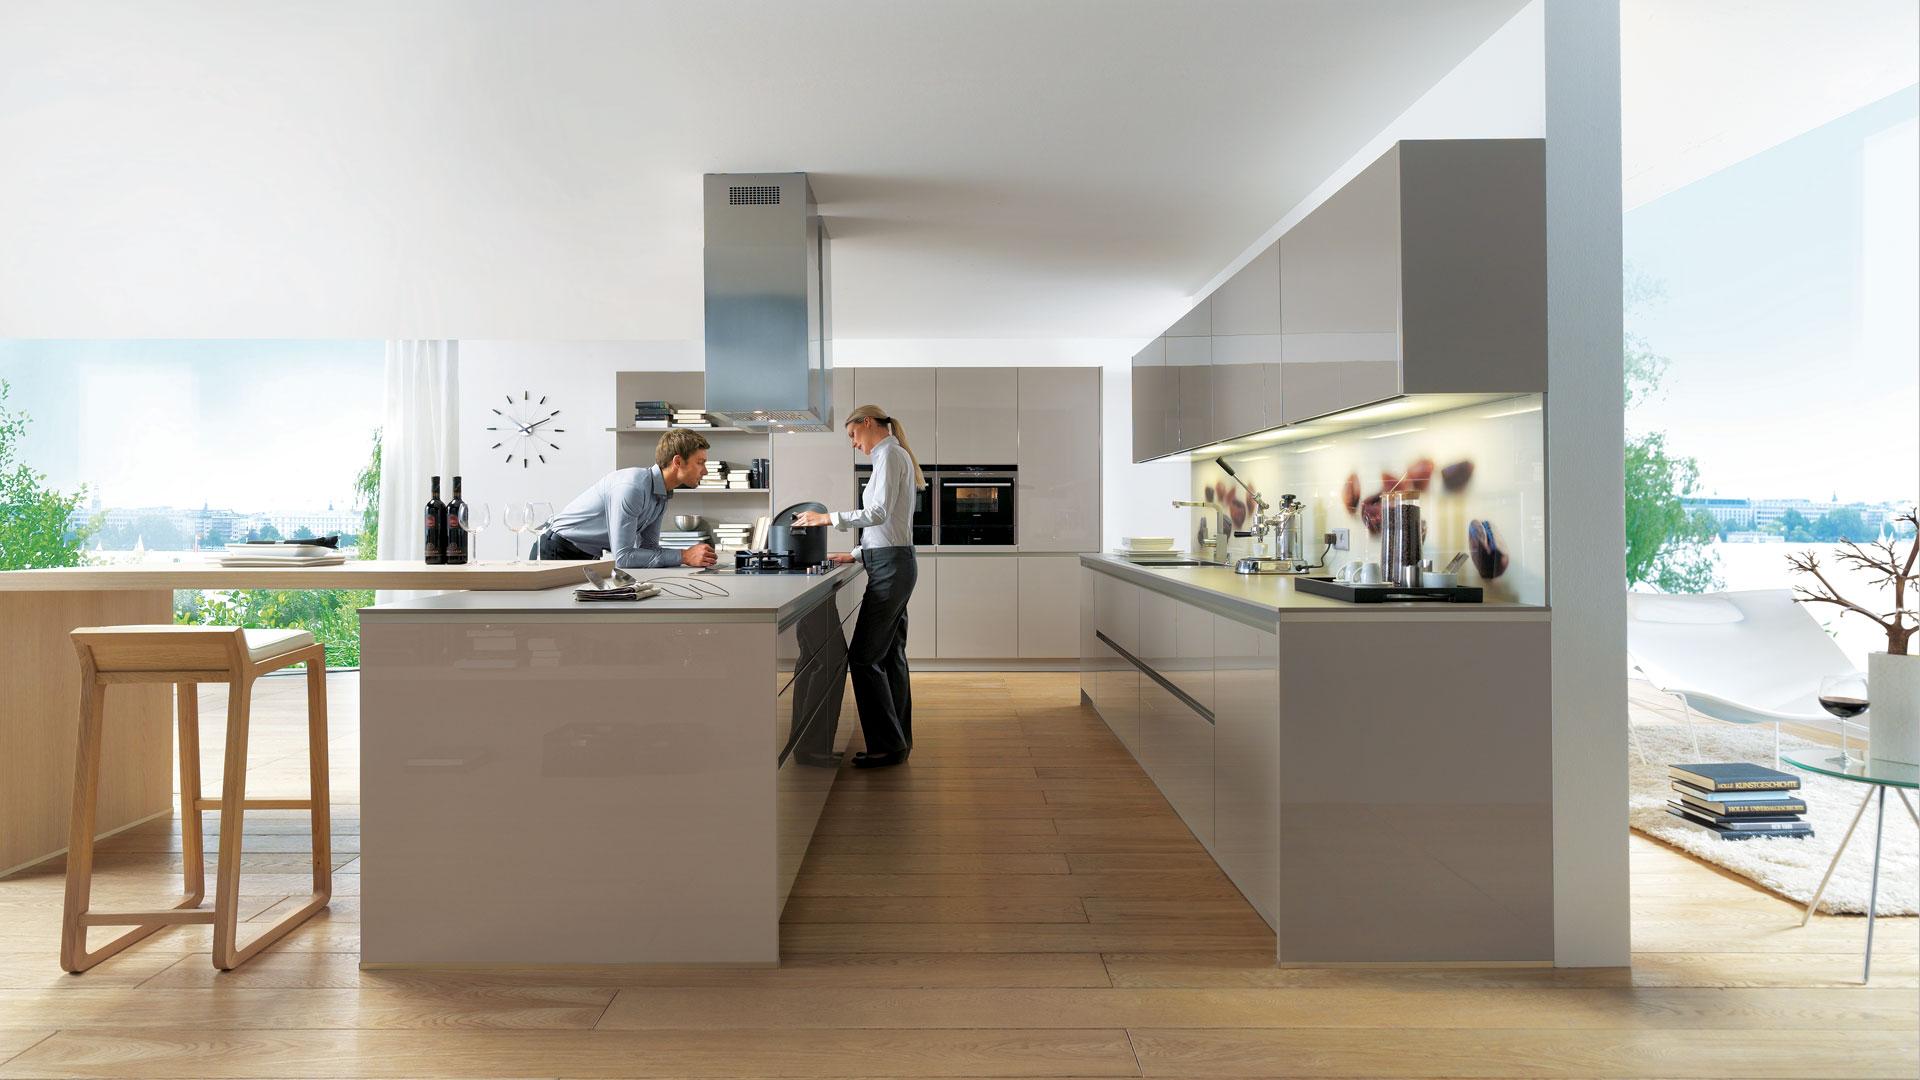 mbel zimmermann kchen mbel zimmermann kchen fur badewanne gro c with mbel zimmermann kchen. Black Bedroom Furniture Sets. Home Design Ideas